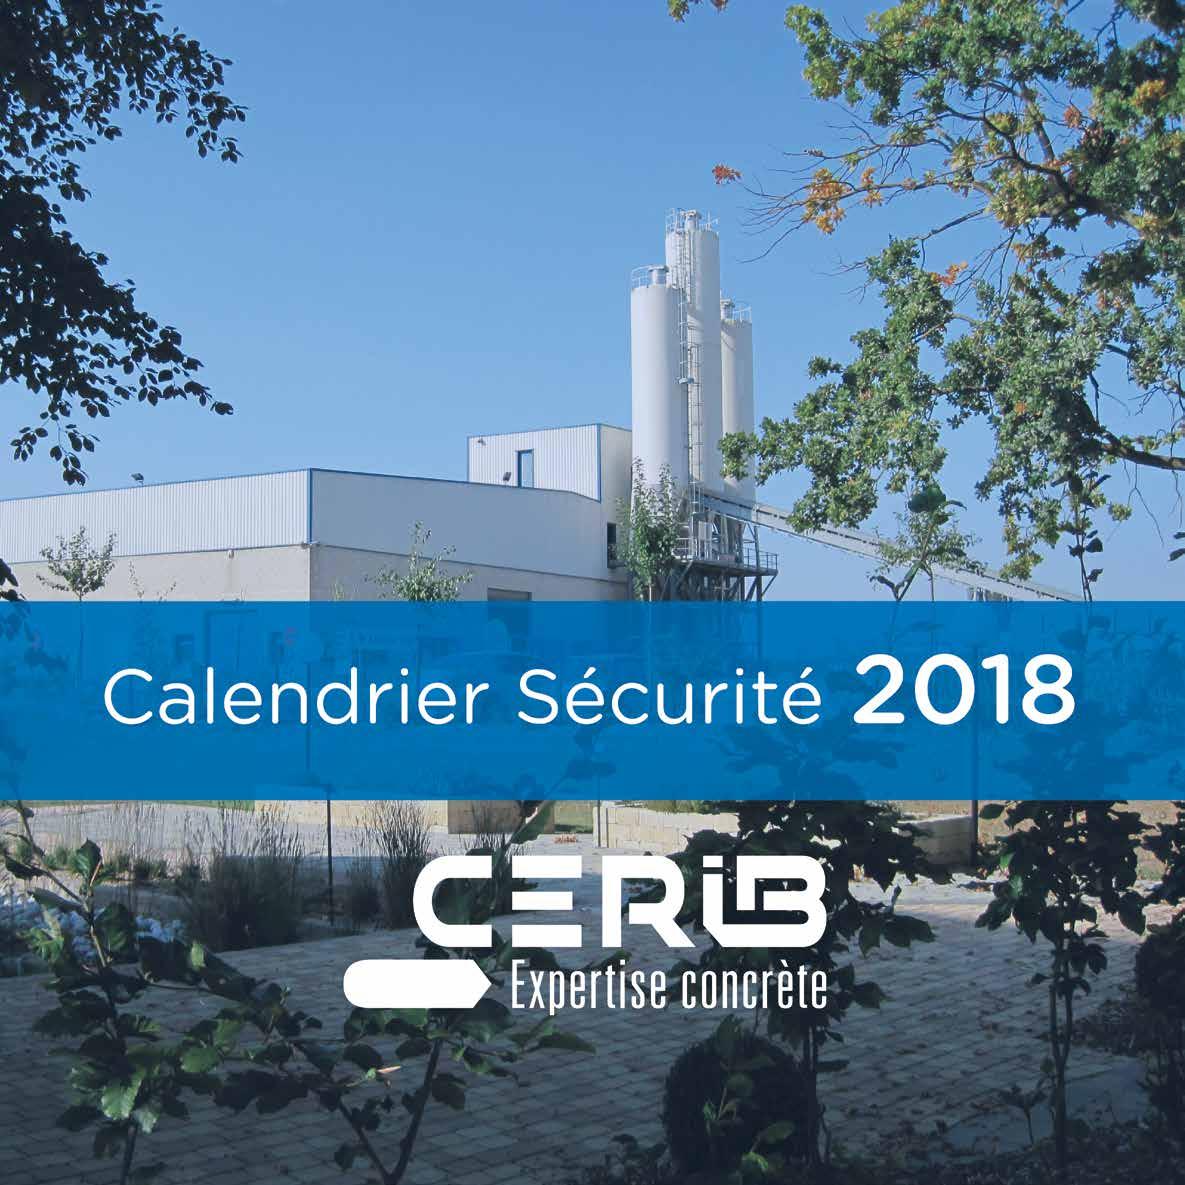 Calendrier Sécurité Cerib 2018